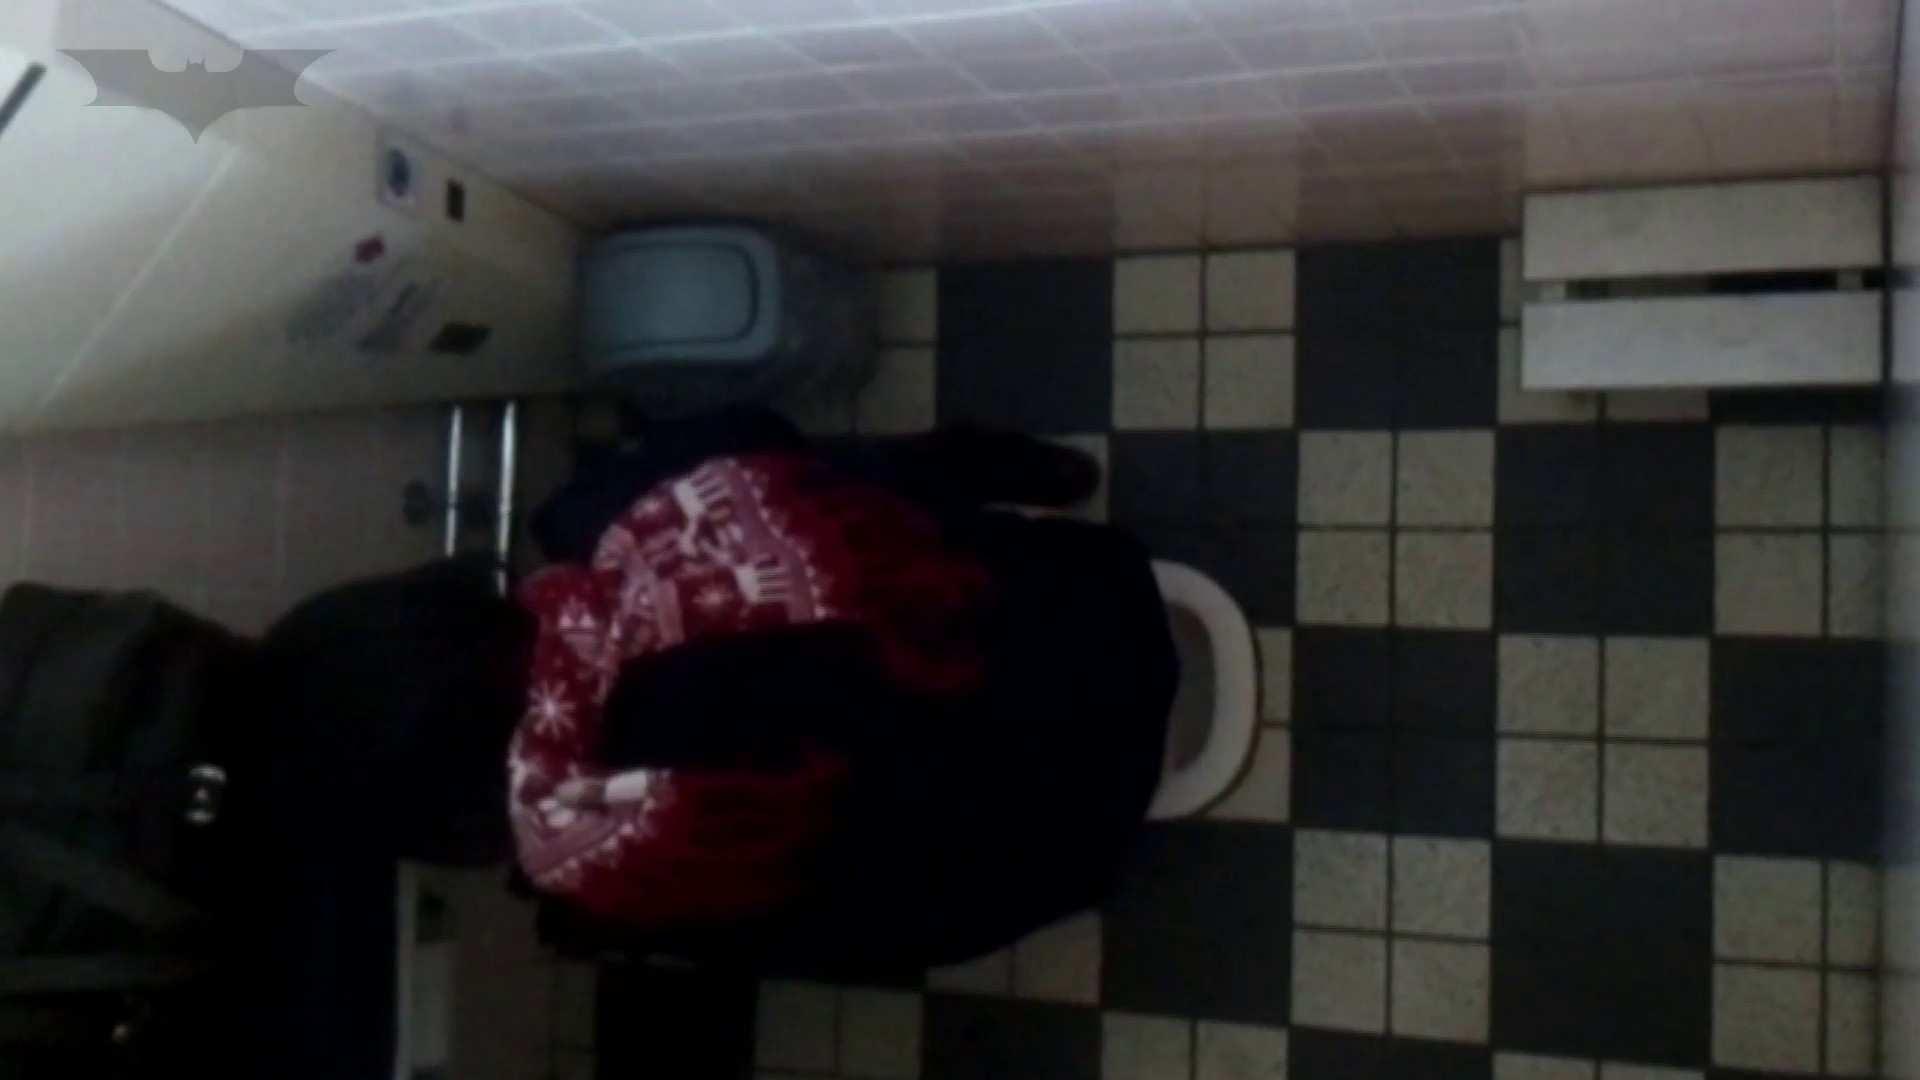 ▲復活限定D▲化粧室絵巻 駅舎編 VOL.12 SEIFUKUマフラー特集!! 高画質 AV無料動画キャプチャ 100画像 47